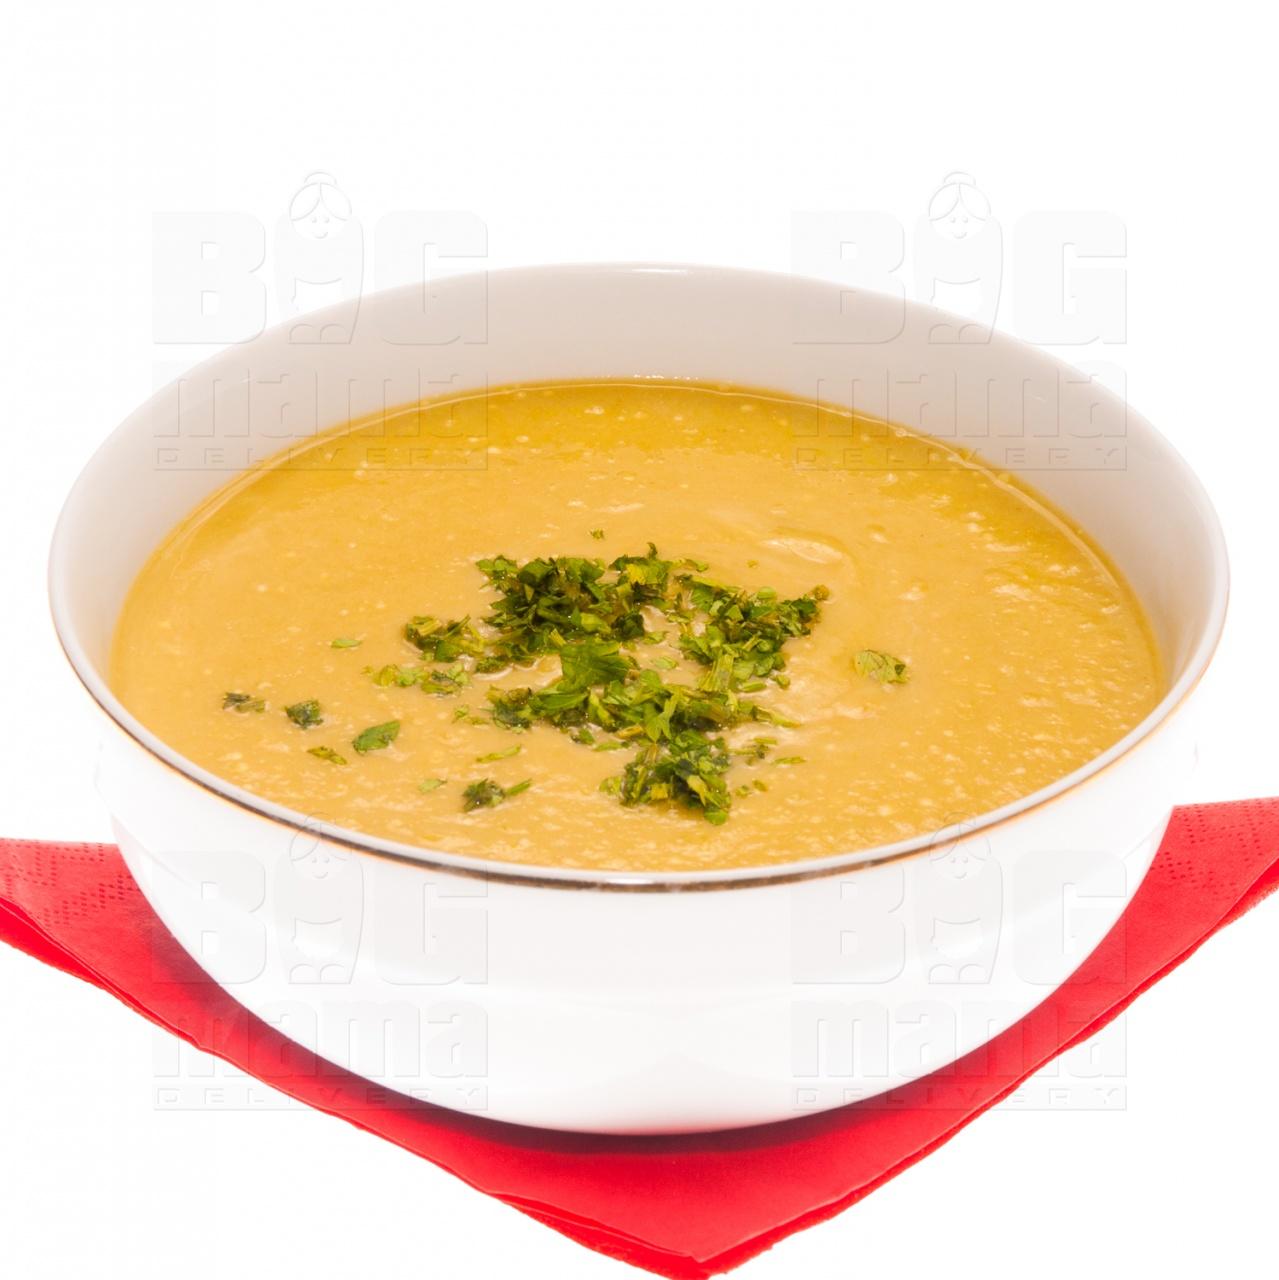 Product #132 image - Supă cremă de legume